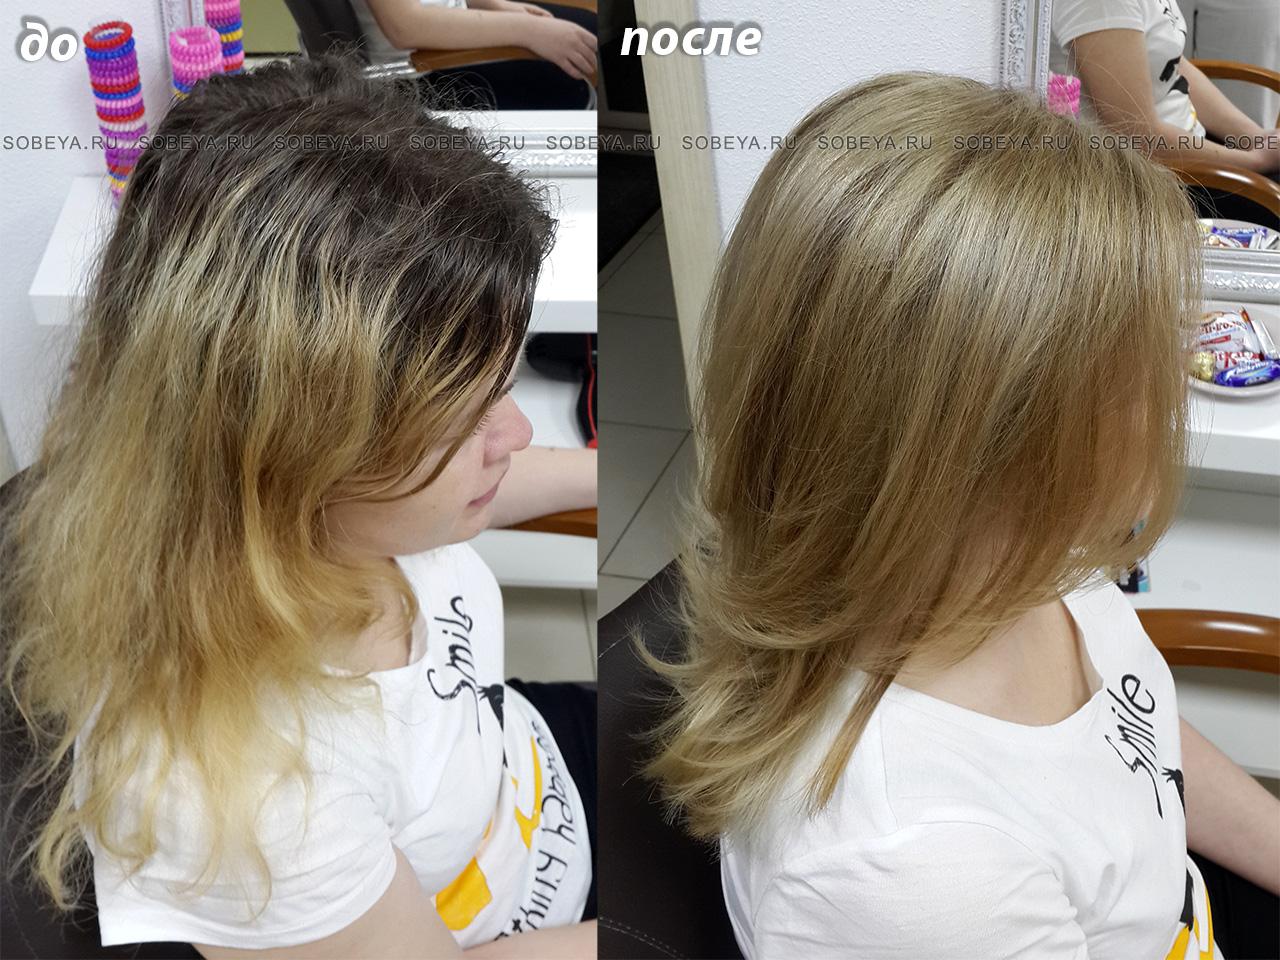 Парикмахер колорист до и после Балаяж Калифорнийское мелирование